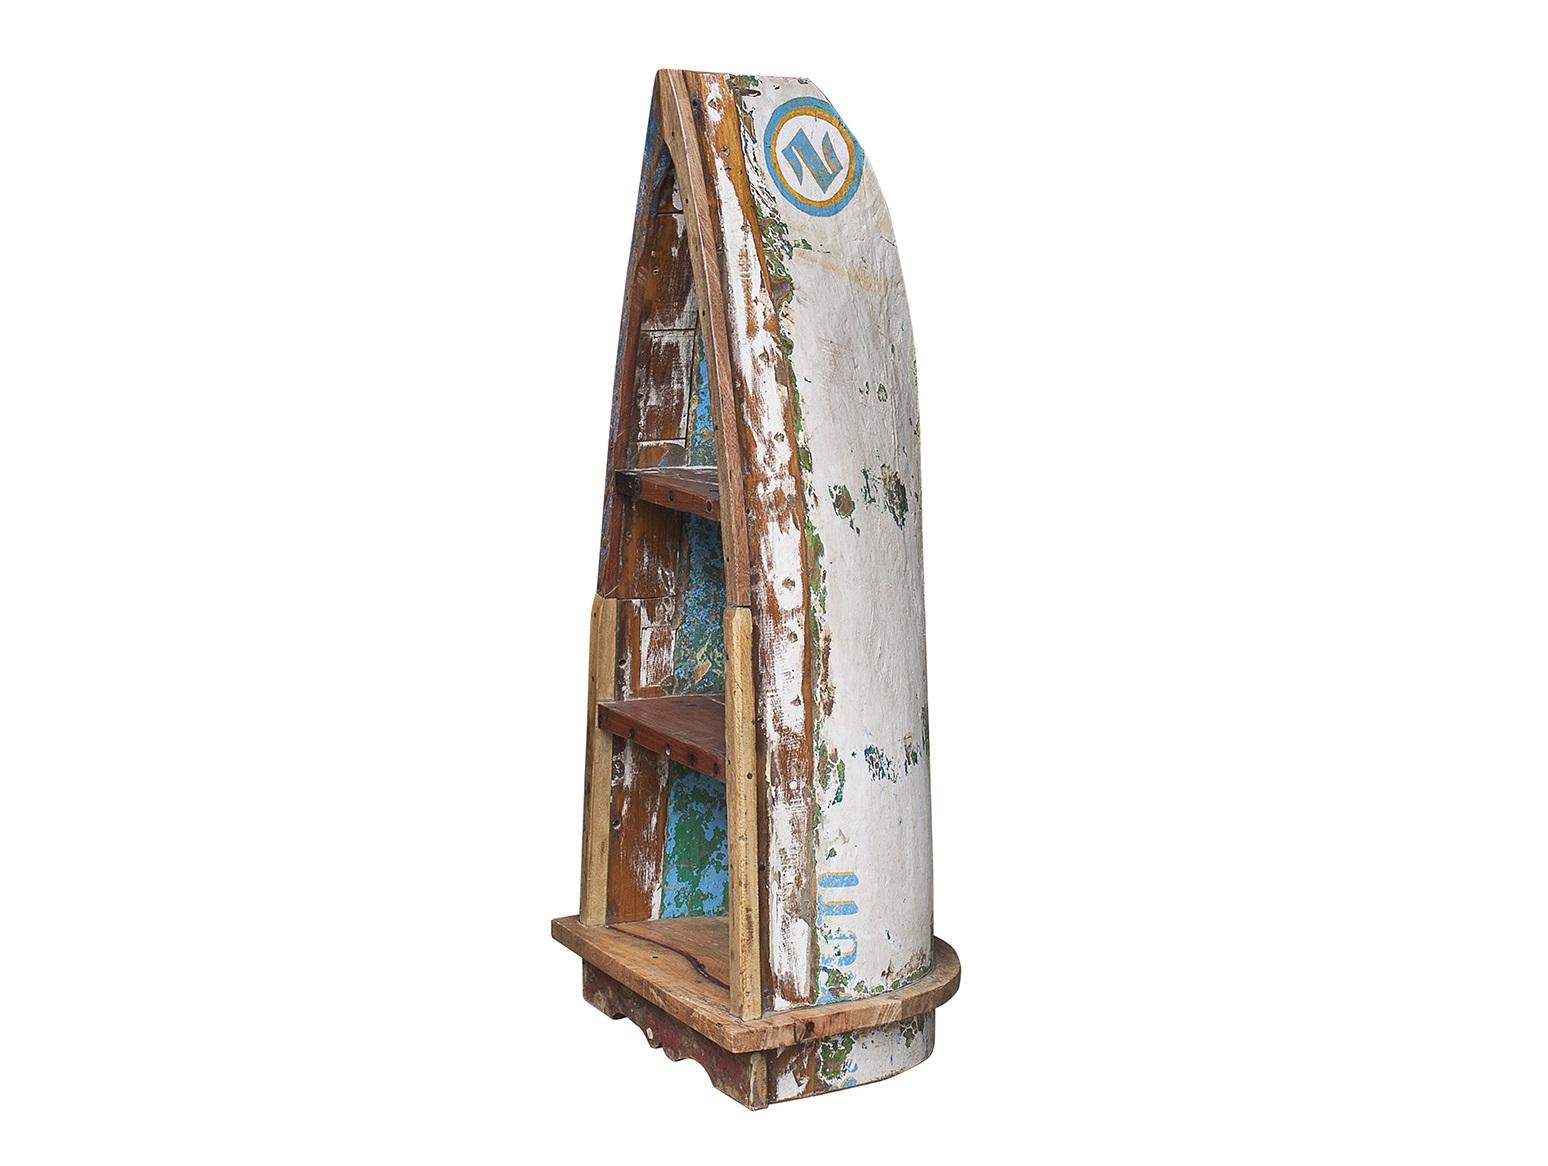 Стеллаж из лодки малый ВаснецовСтеллажи и этажерки<br>Напольный стеллаж, выполненный из старой рыбацкой лодки изящной вытянутой формы с сохранением оригинальной многослойной окраски.<br><br>Имеет 3 полки разной вместимости.<br>Подходит для использования как внутри помещения, так и снаружи.<br>Сборка не требуется.<br>Страна производитель - Индонезия.<br><br>Material: Пластик<br>Width см: 42<br>Depth см: 57<br>Height см: 121